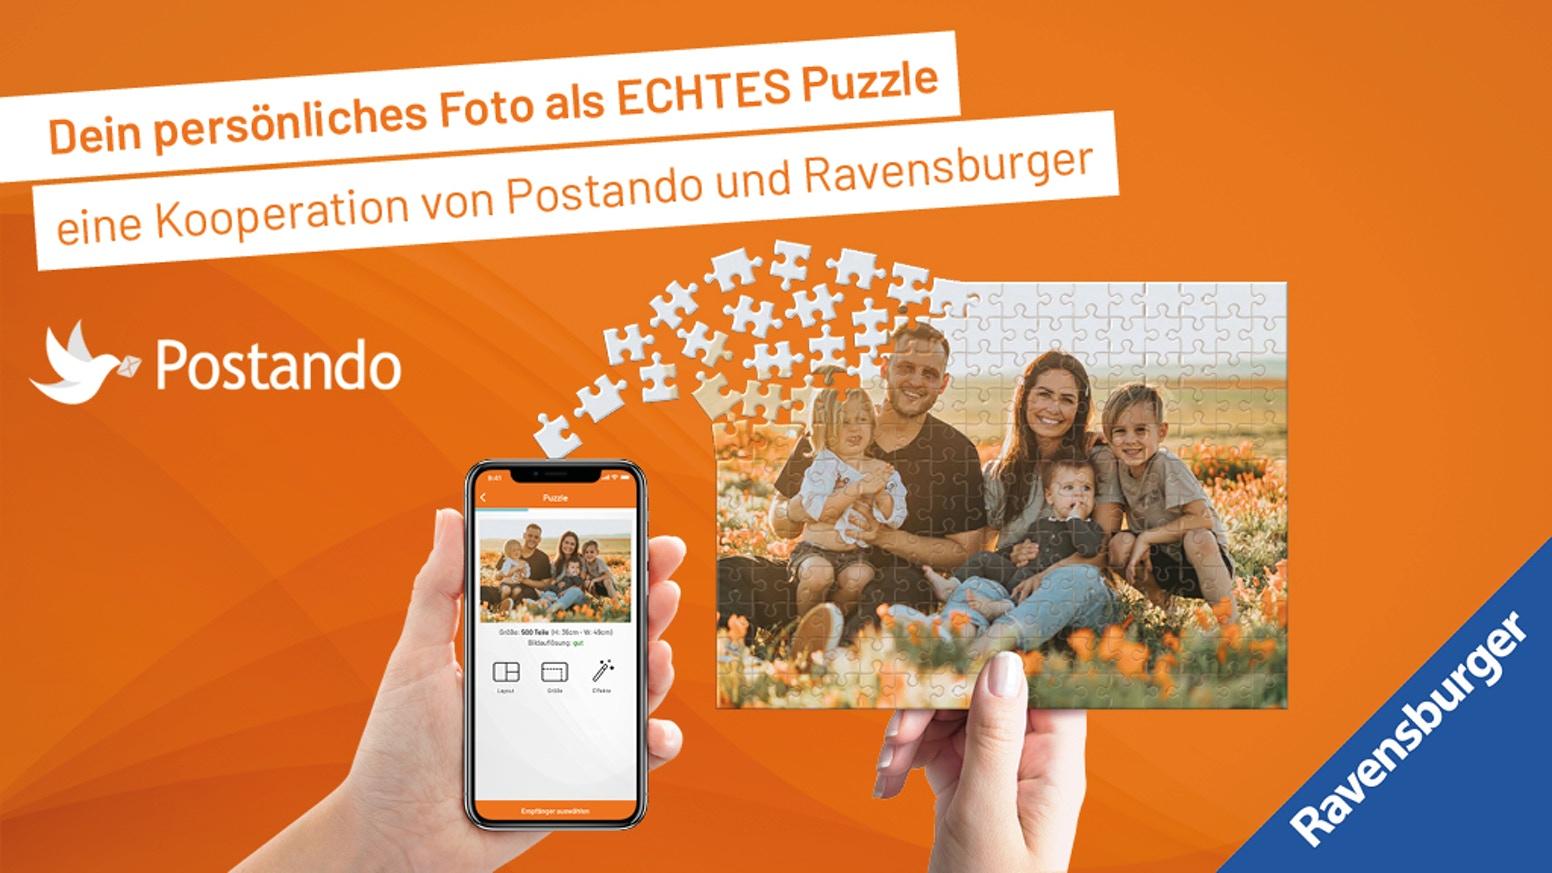 Dein Foto als echtes Ravensburger Puzzle